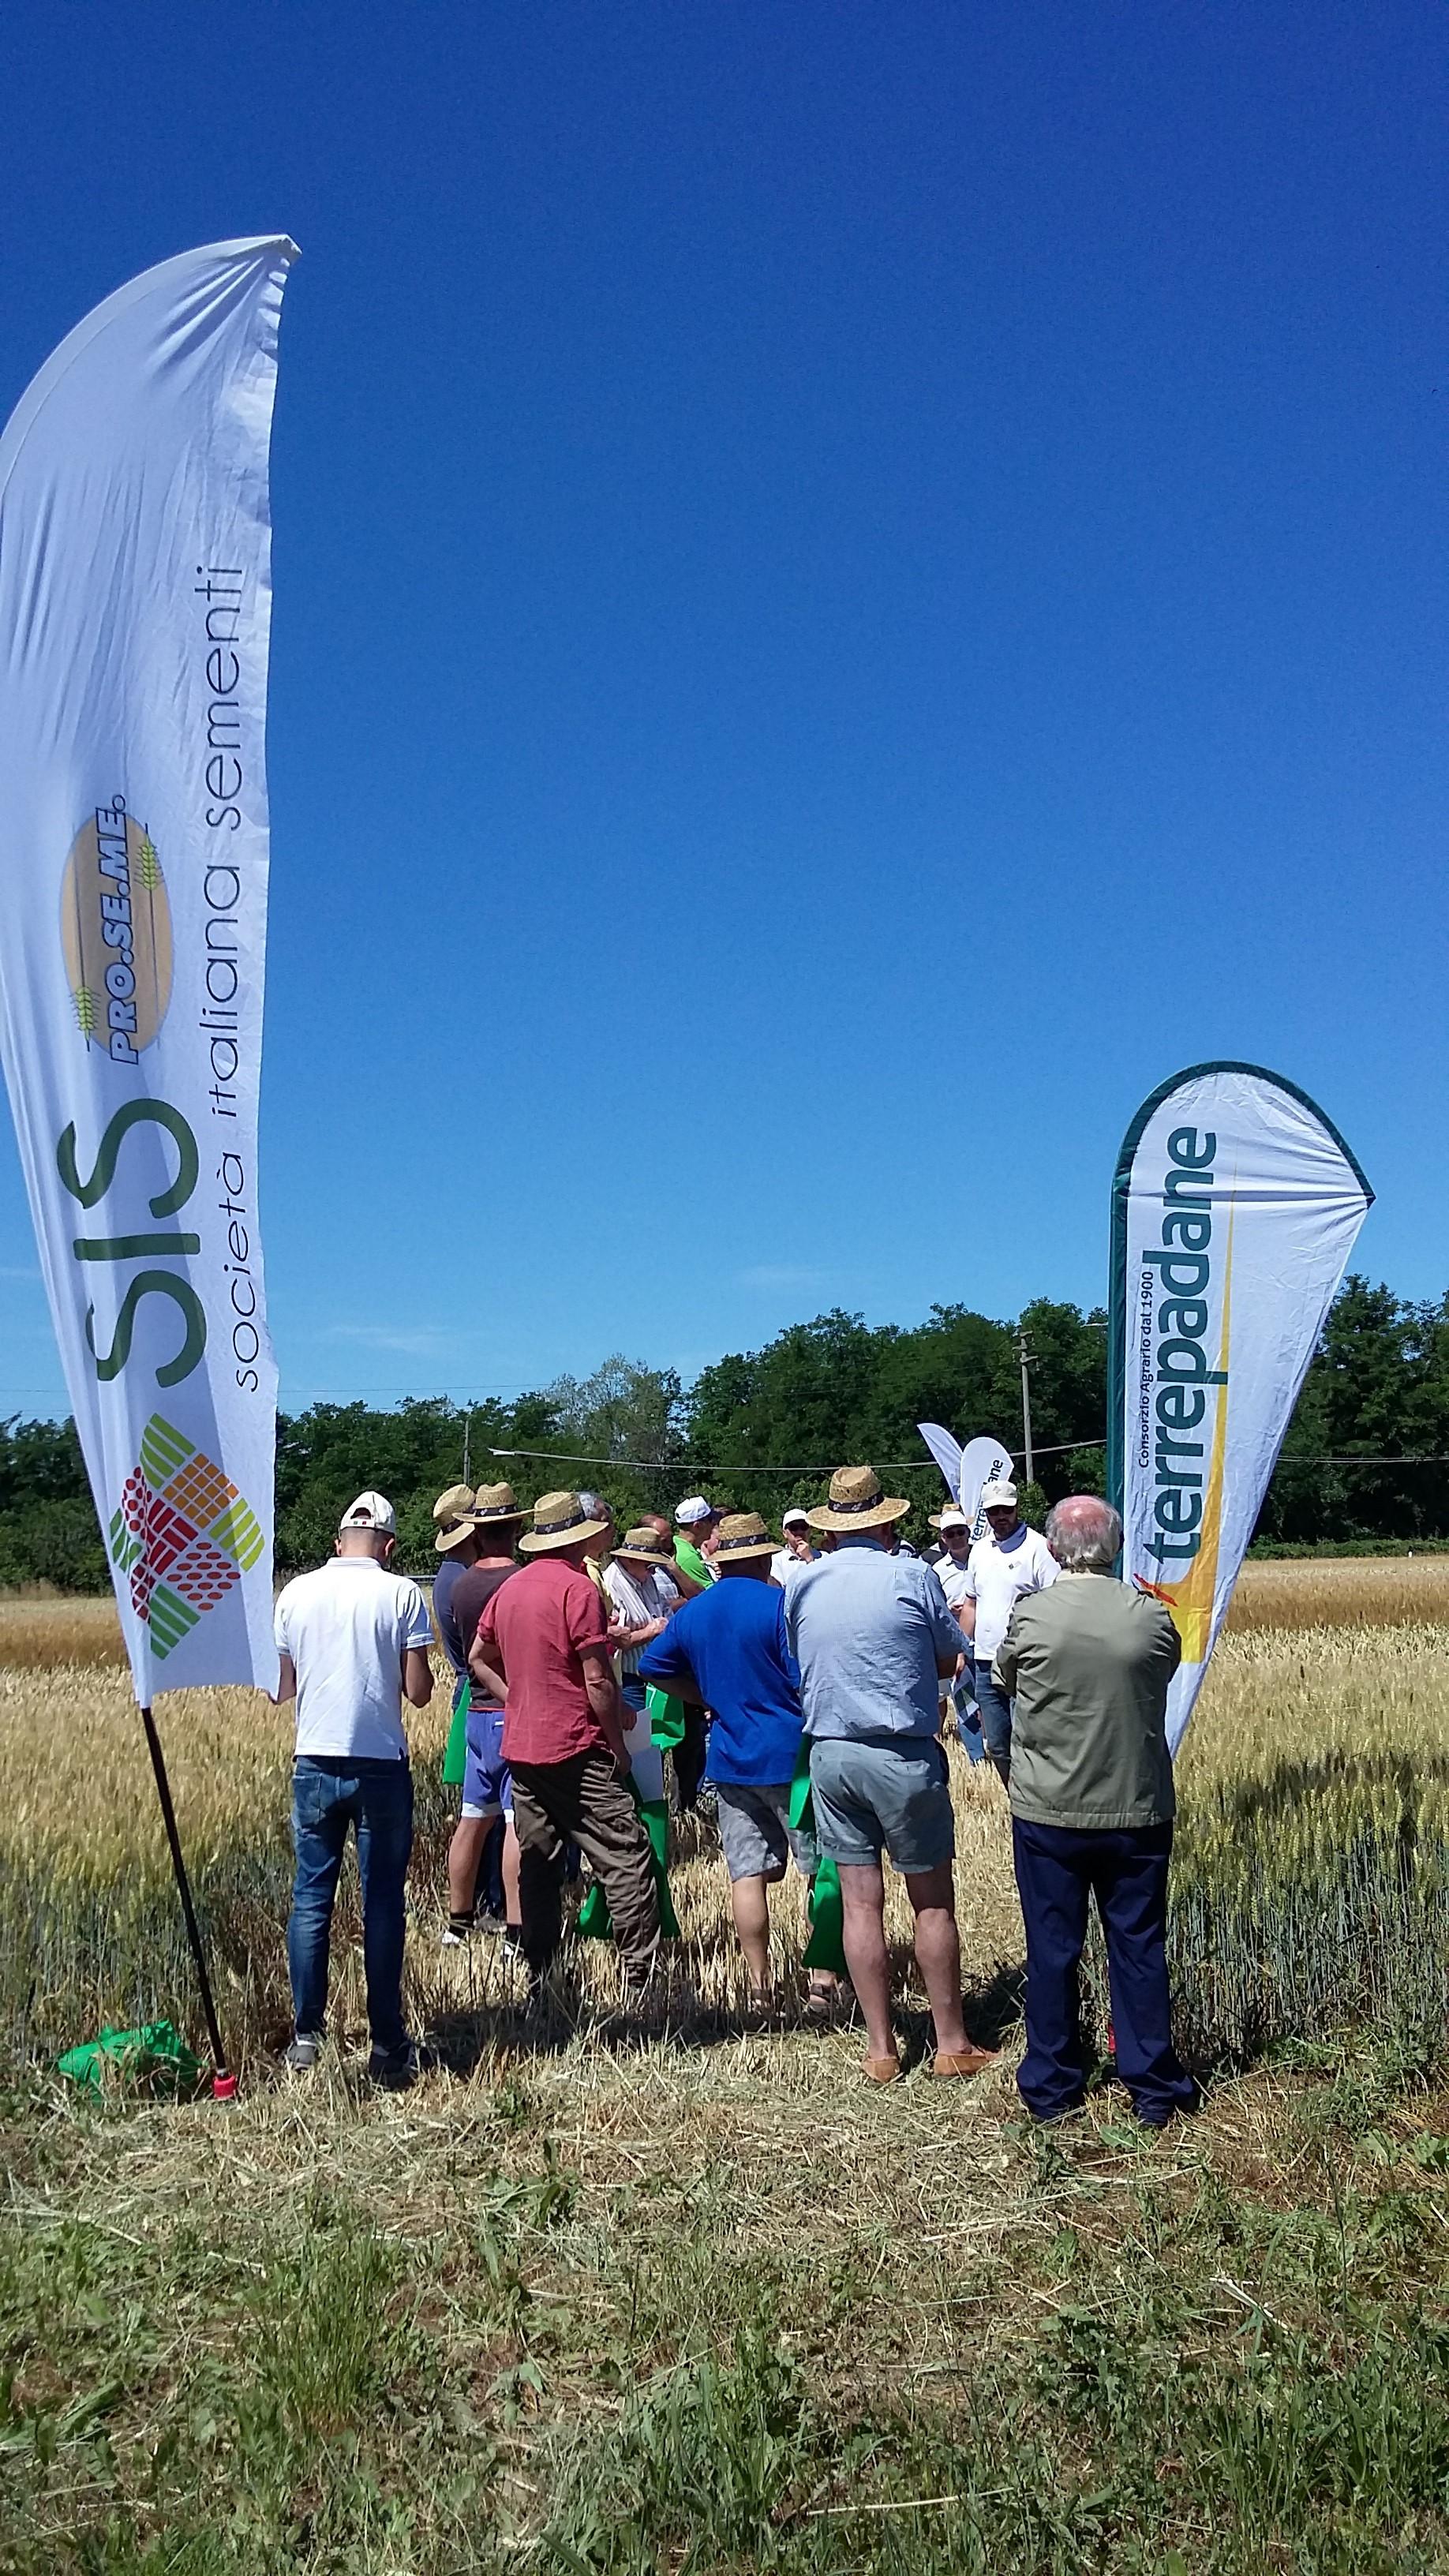 Sementi terrepadane for Consorzio agrario cremona macchine agricole usate